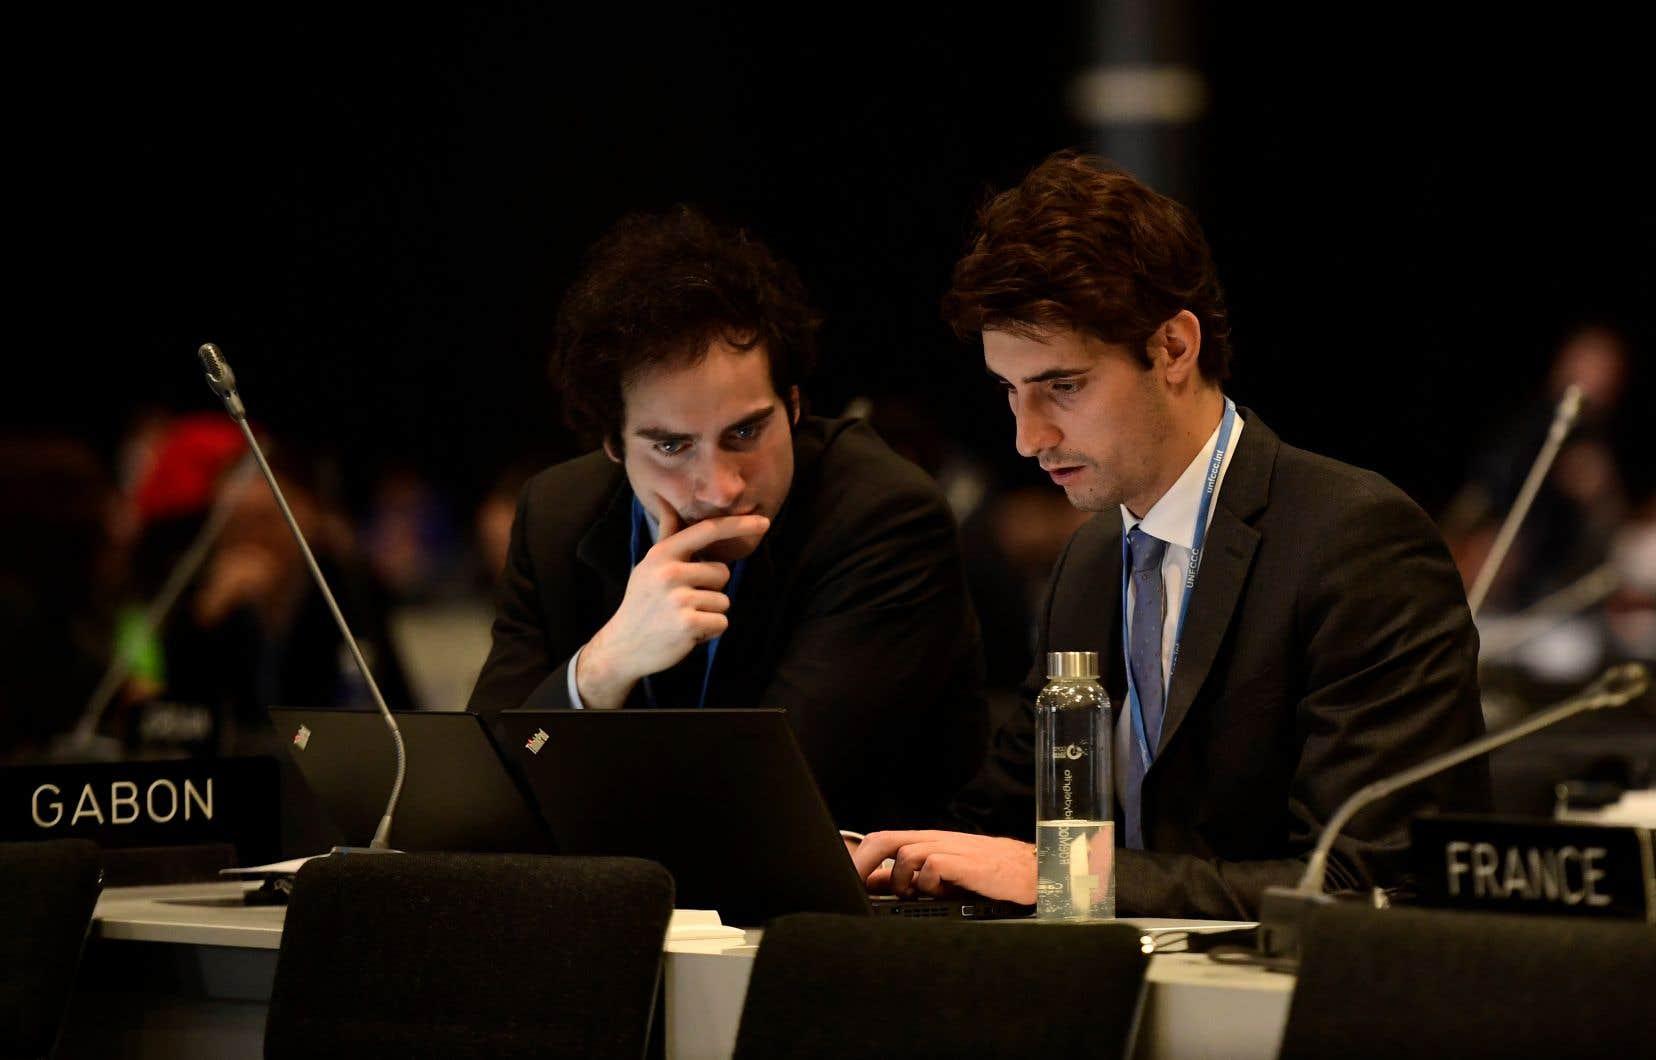 Plus de 24 heures après la fin prévue des négociations, les représentants des pays signataires de l'Accord de Paris cherchent toujours une façon de répondre à la crise climatique.